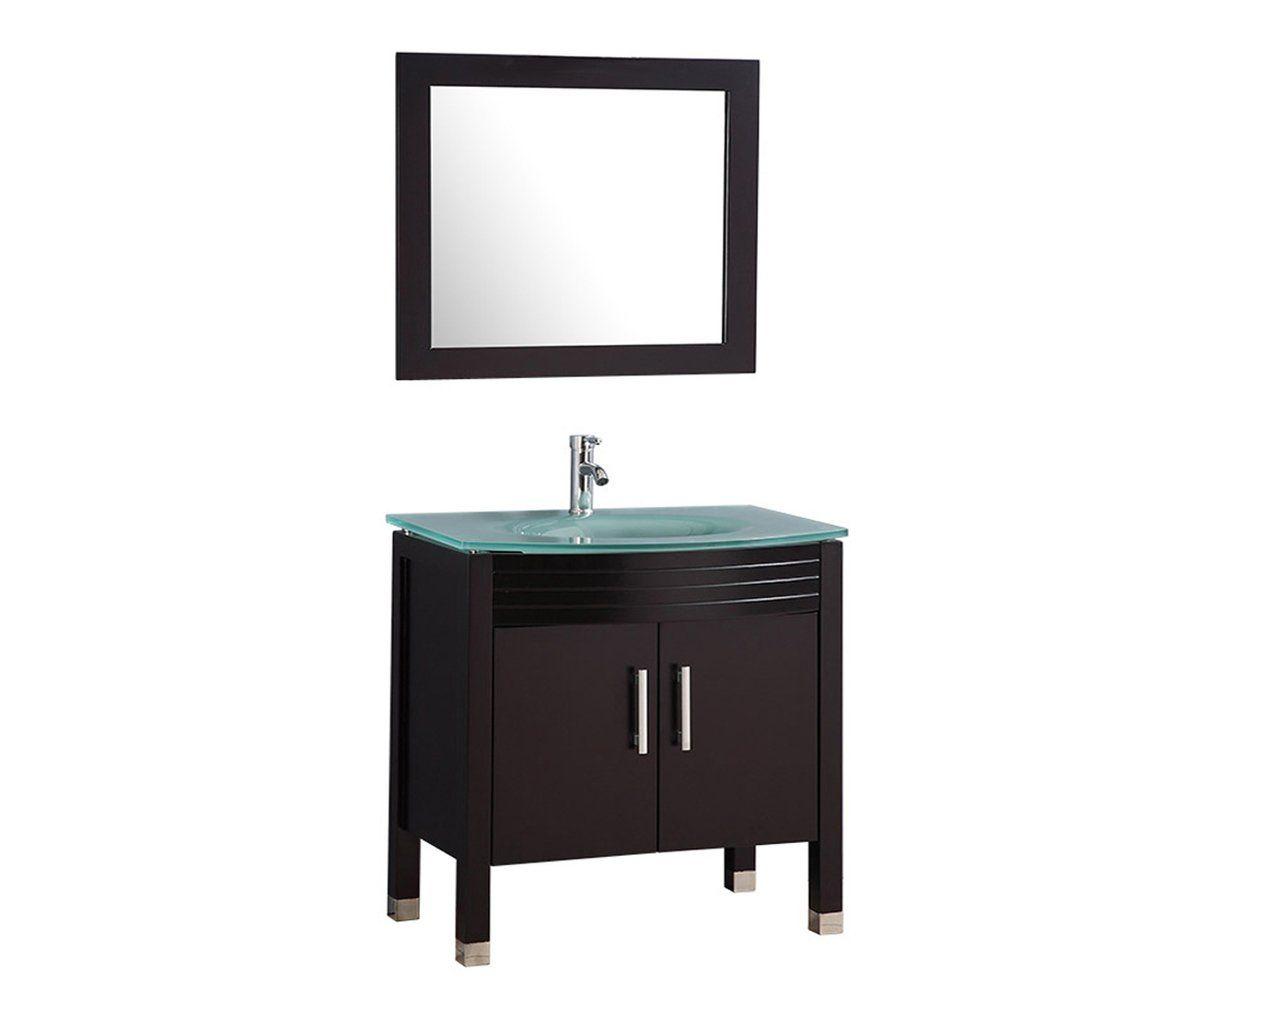 Figi 32 Single Sink Bathroom Vanity Set In 2019 Single Sink